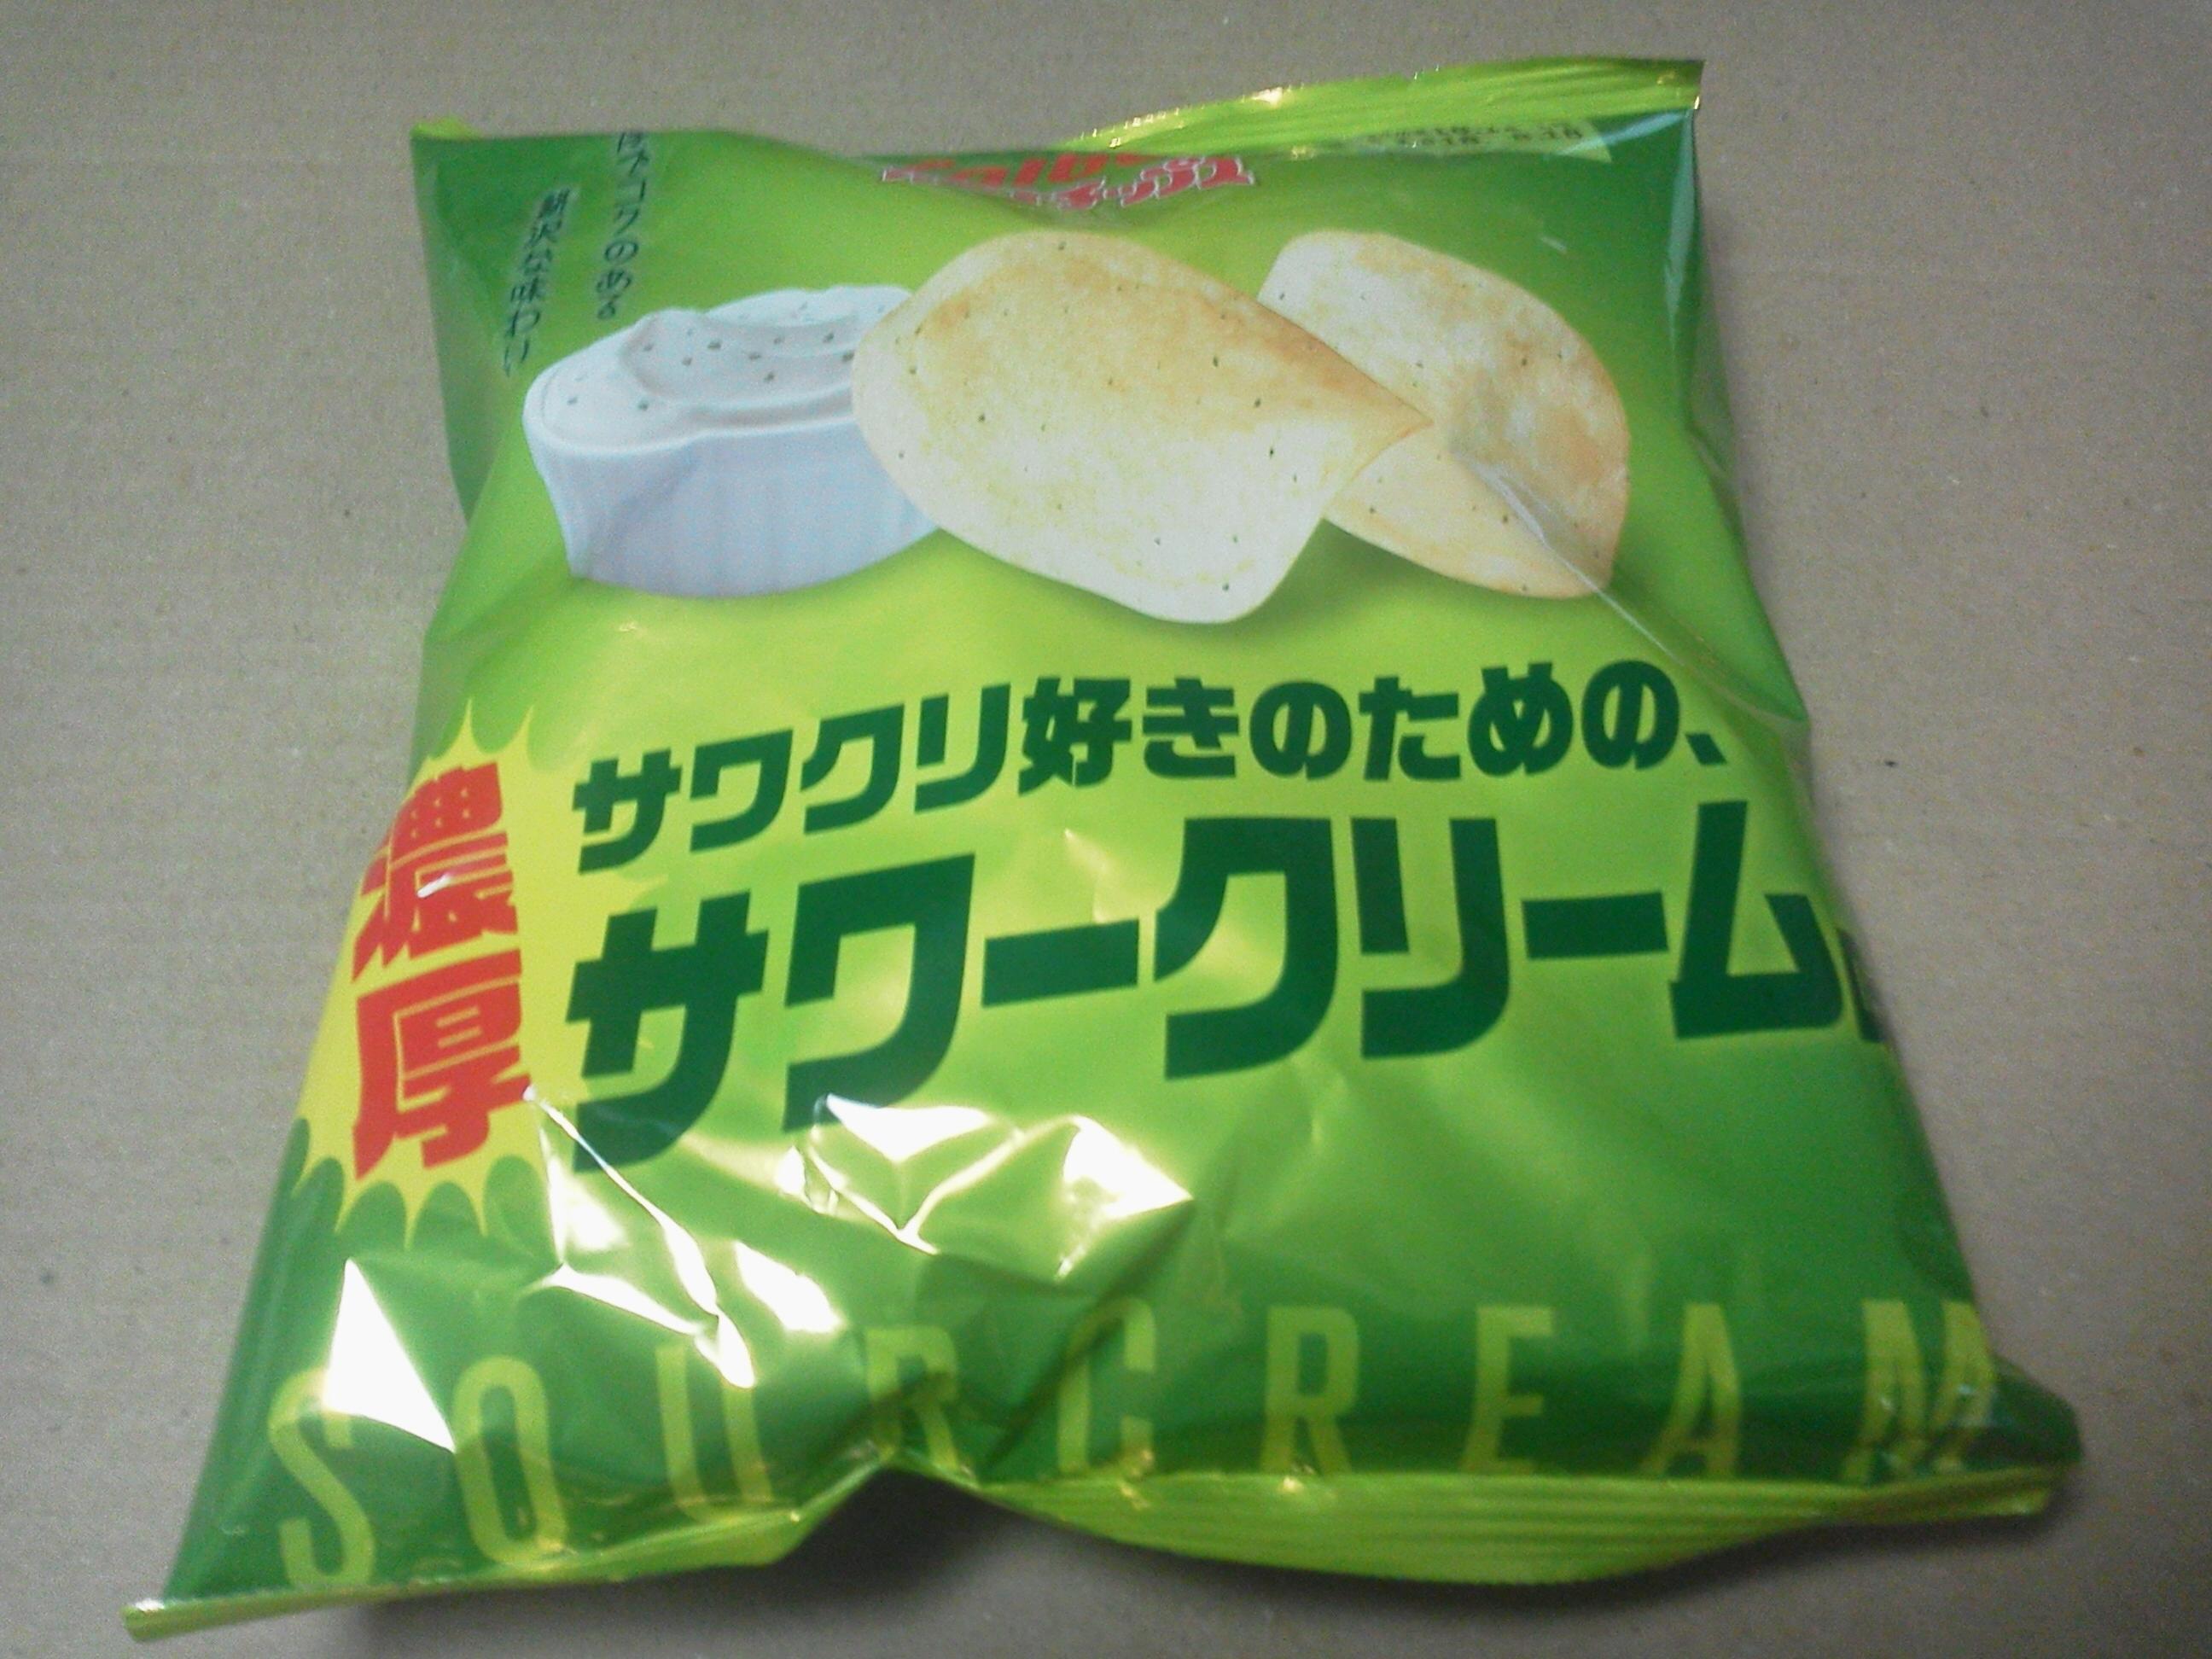 カルビー「ポテトチップスサワクリ好きのための濃厚サワークリーム味」